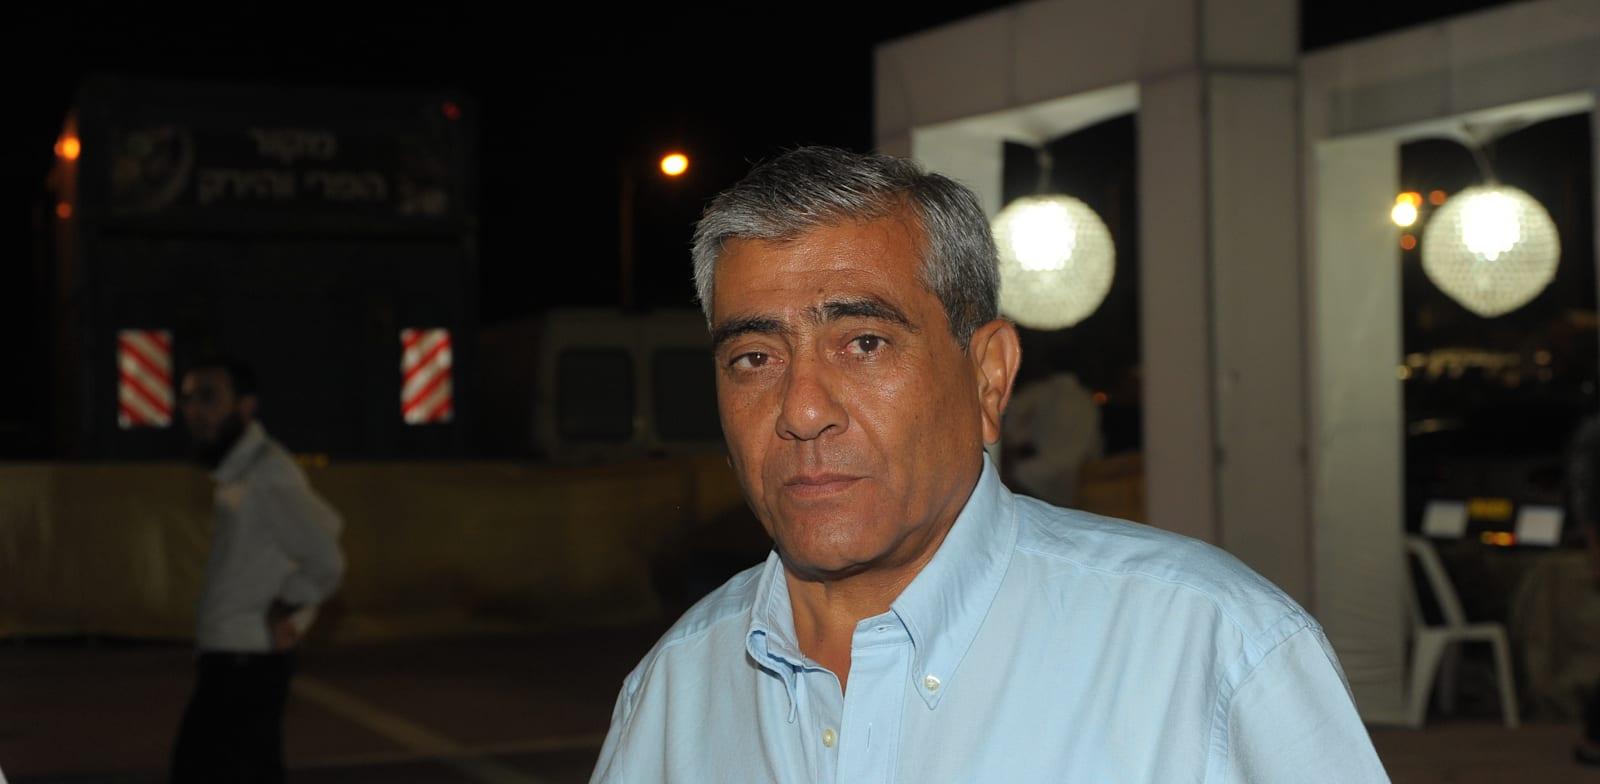 יגאל דמרי - קבלן / צילום: איל יצהר